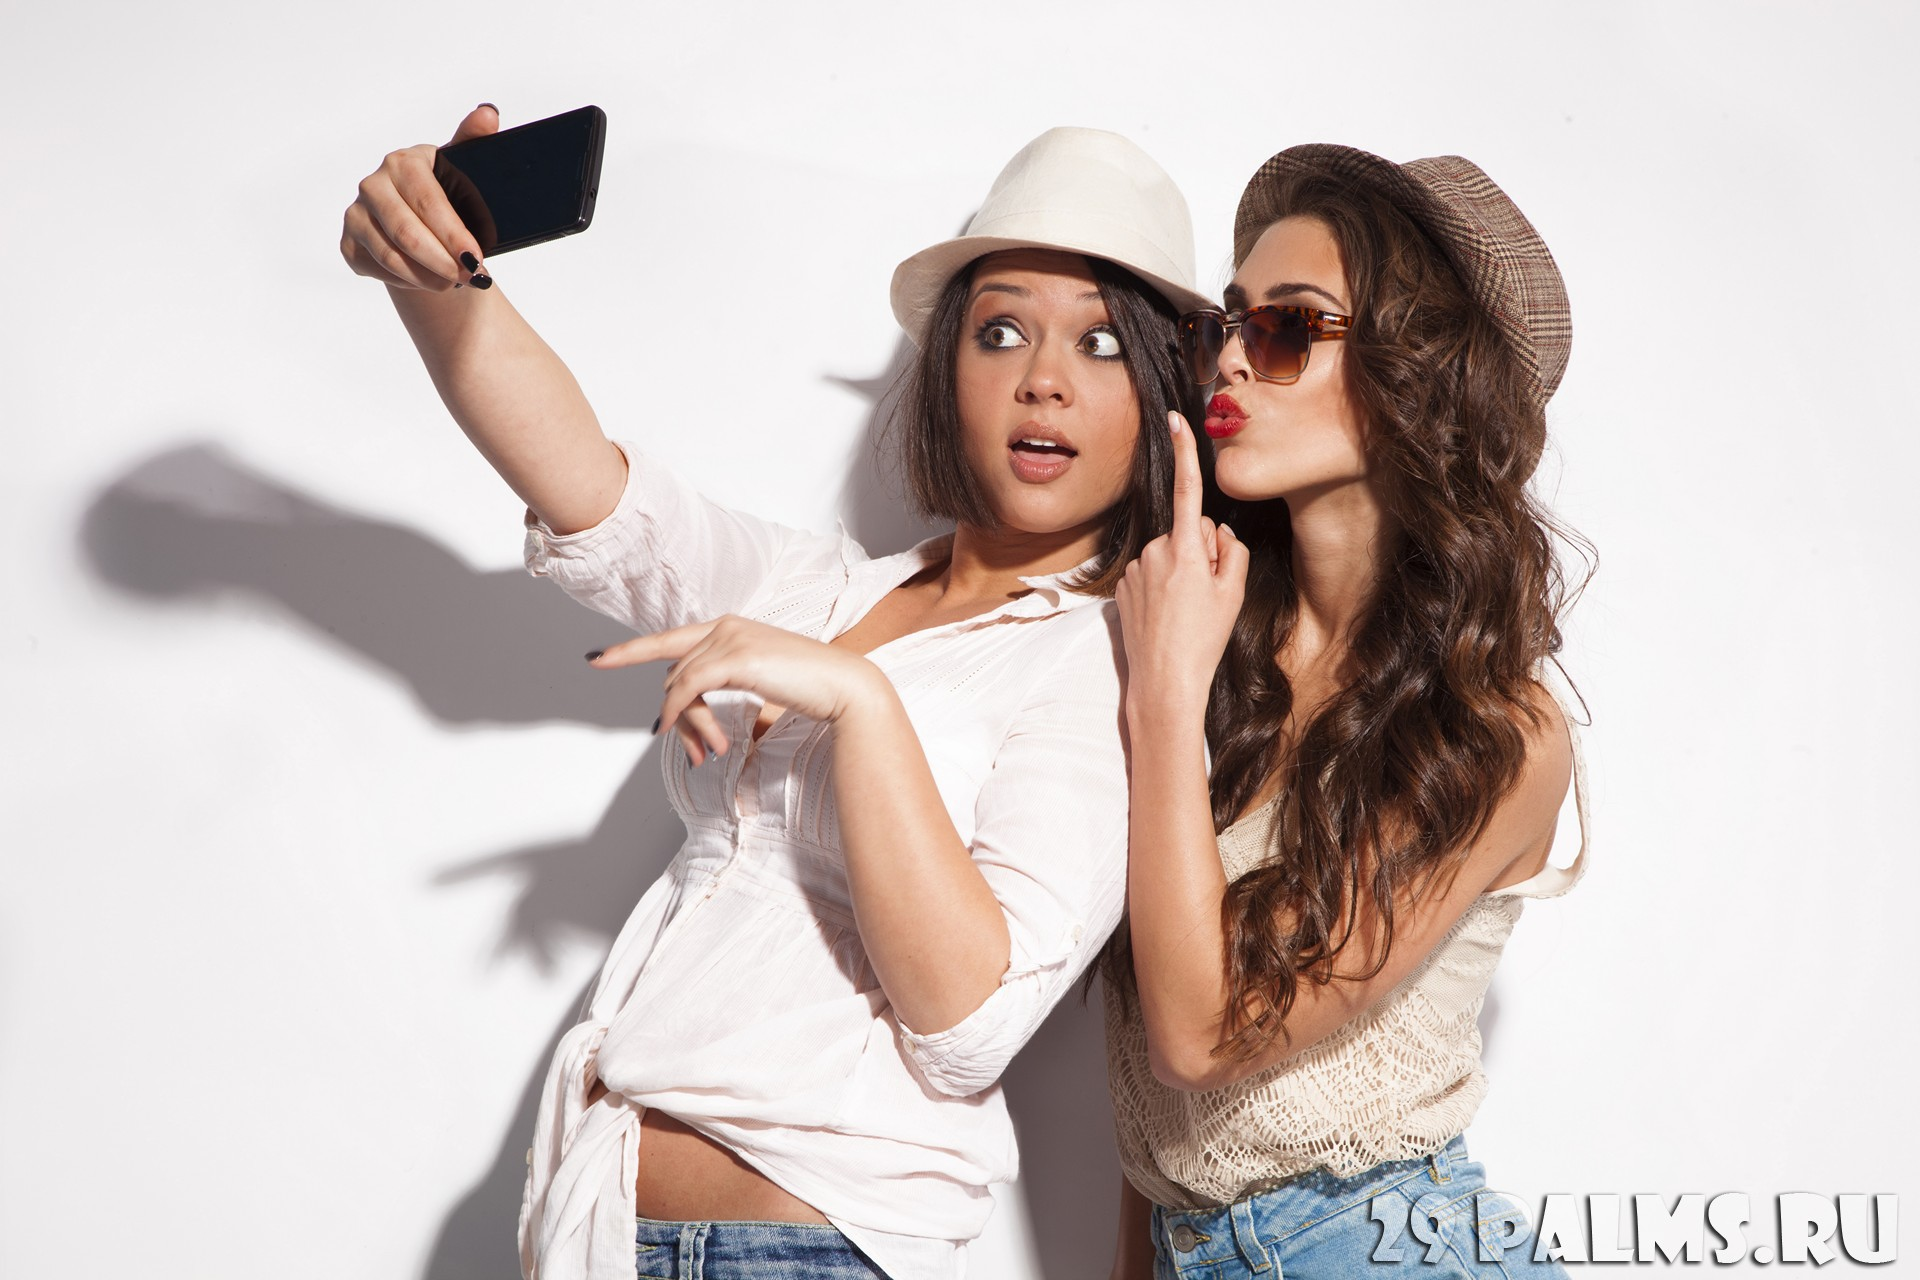 Фотосессия двух девушек 6 фотография